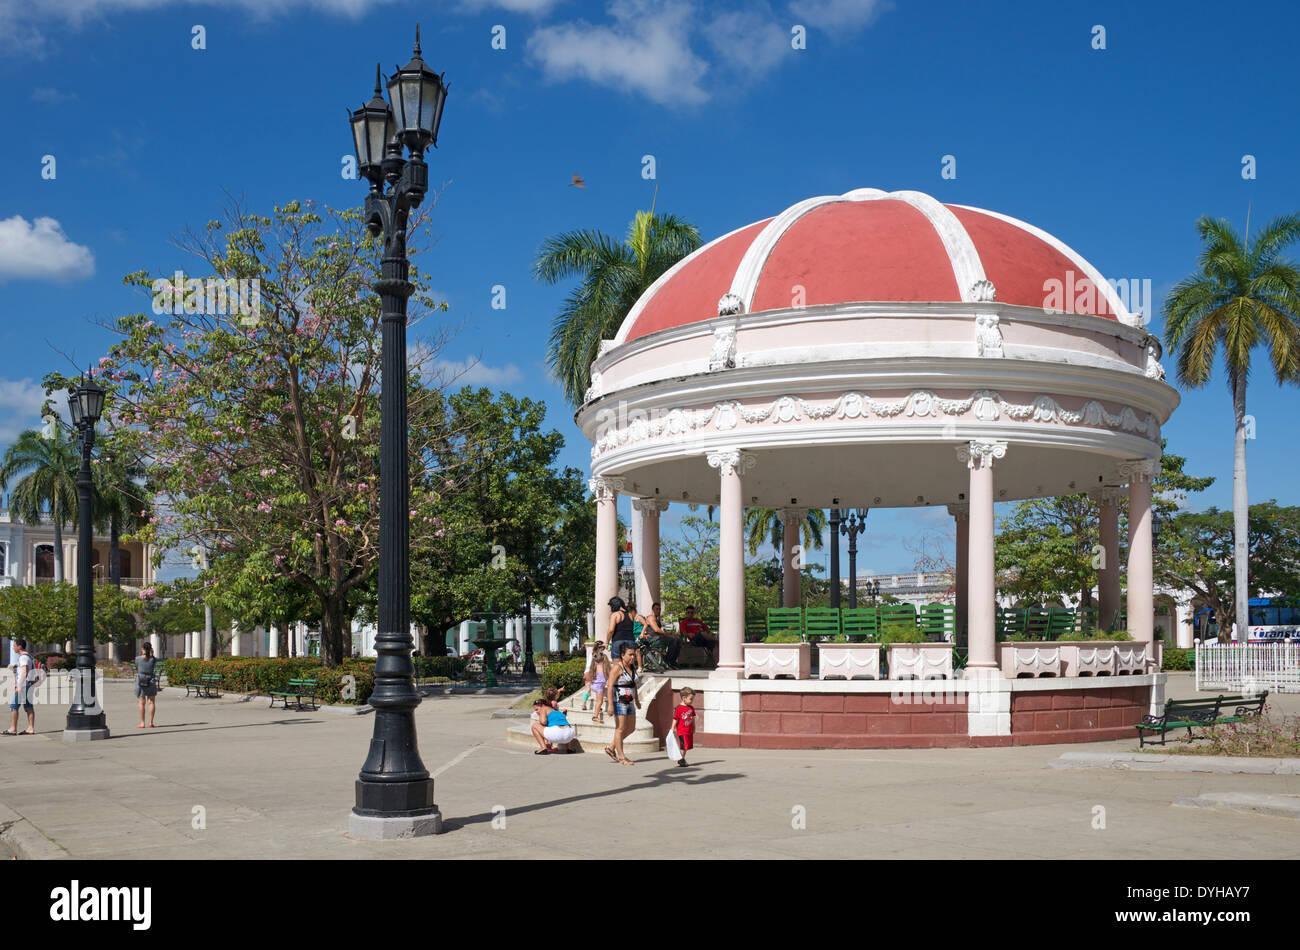 Bandstand Parque Marti Cienfuegos Cuba Stock Photo